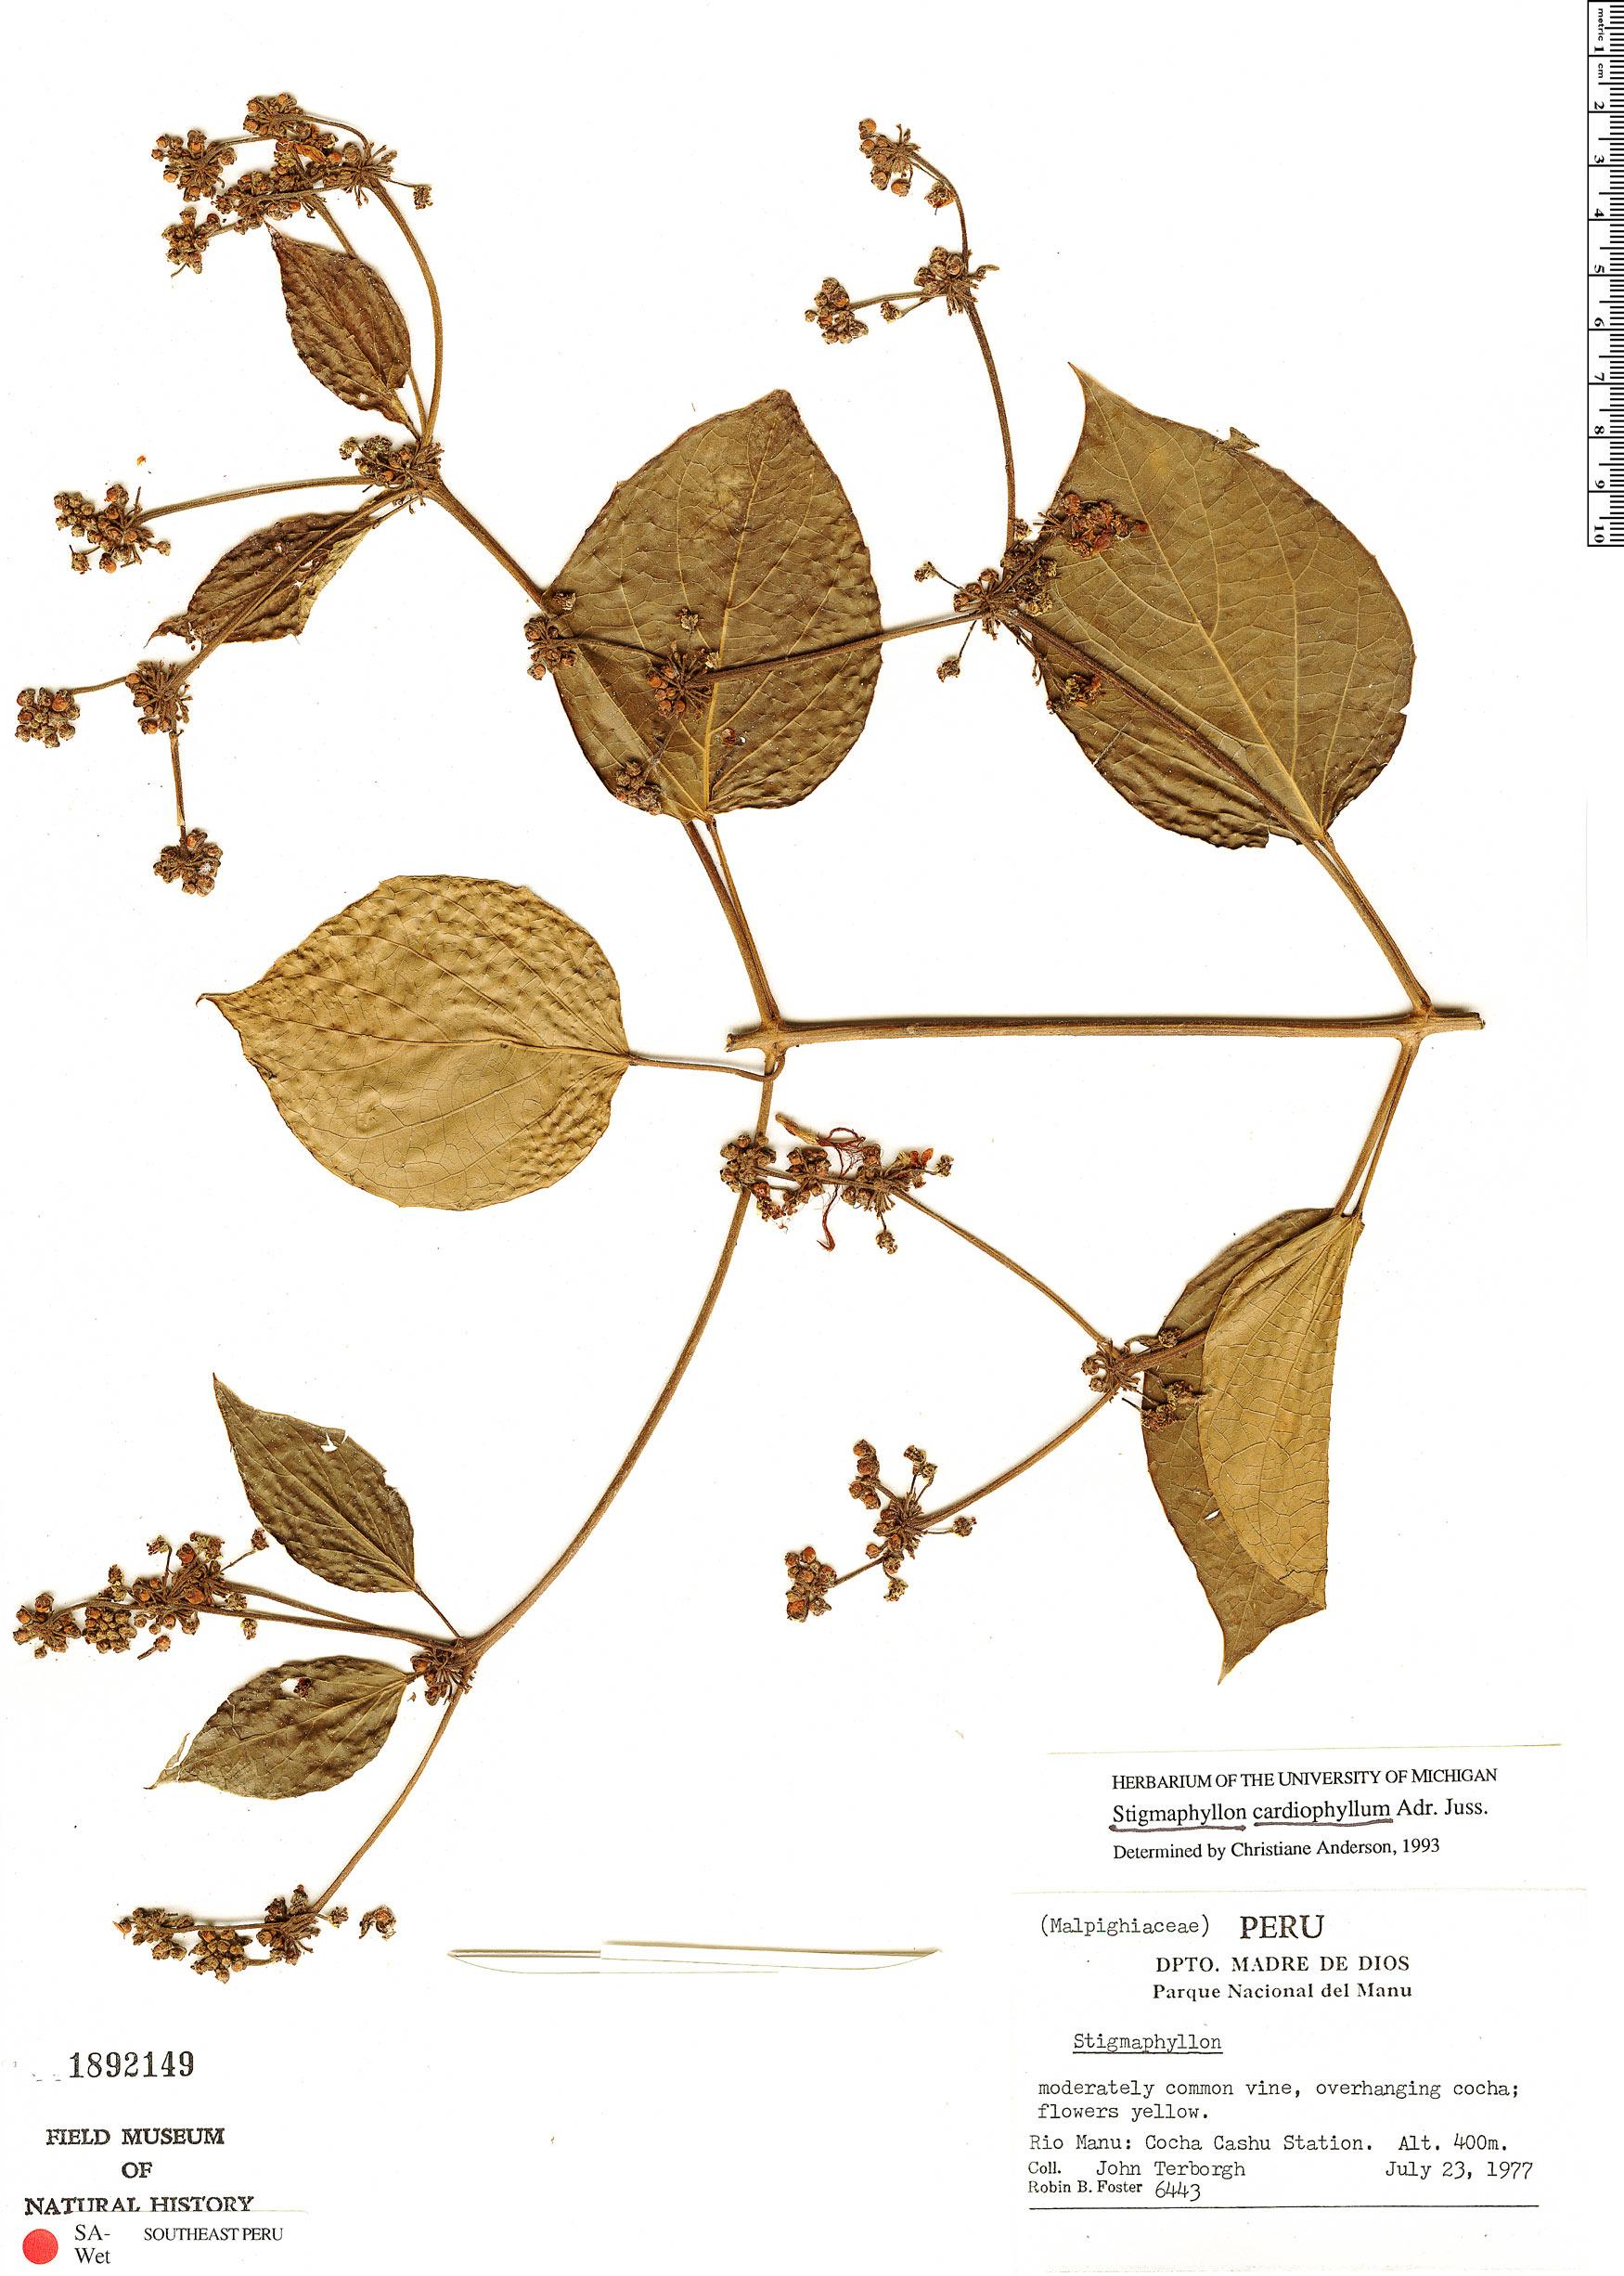 Specimen: Stigmaphyllon cardiophyllum